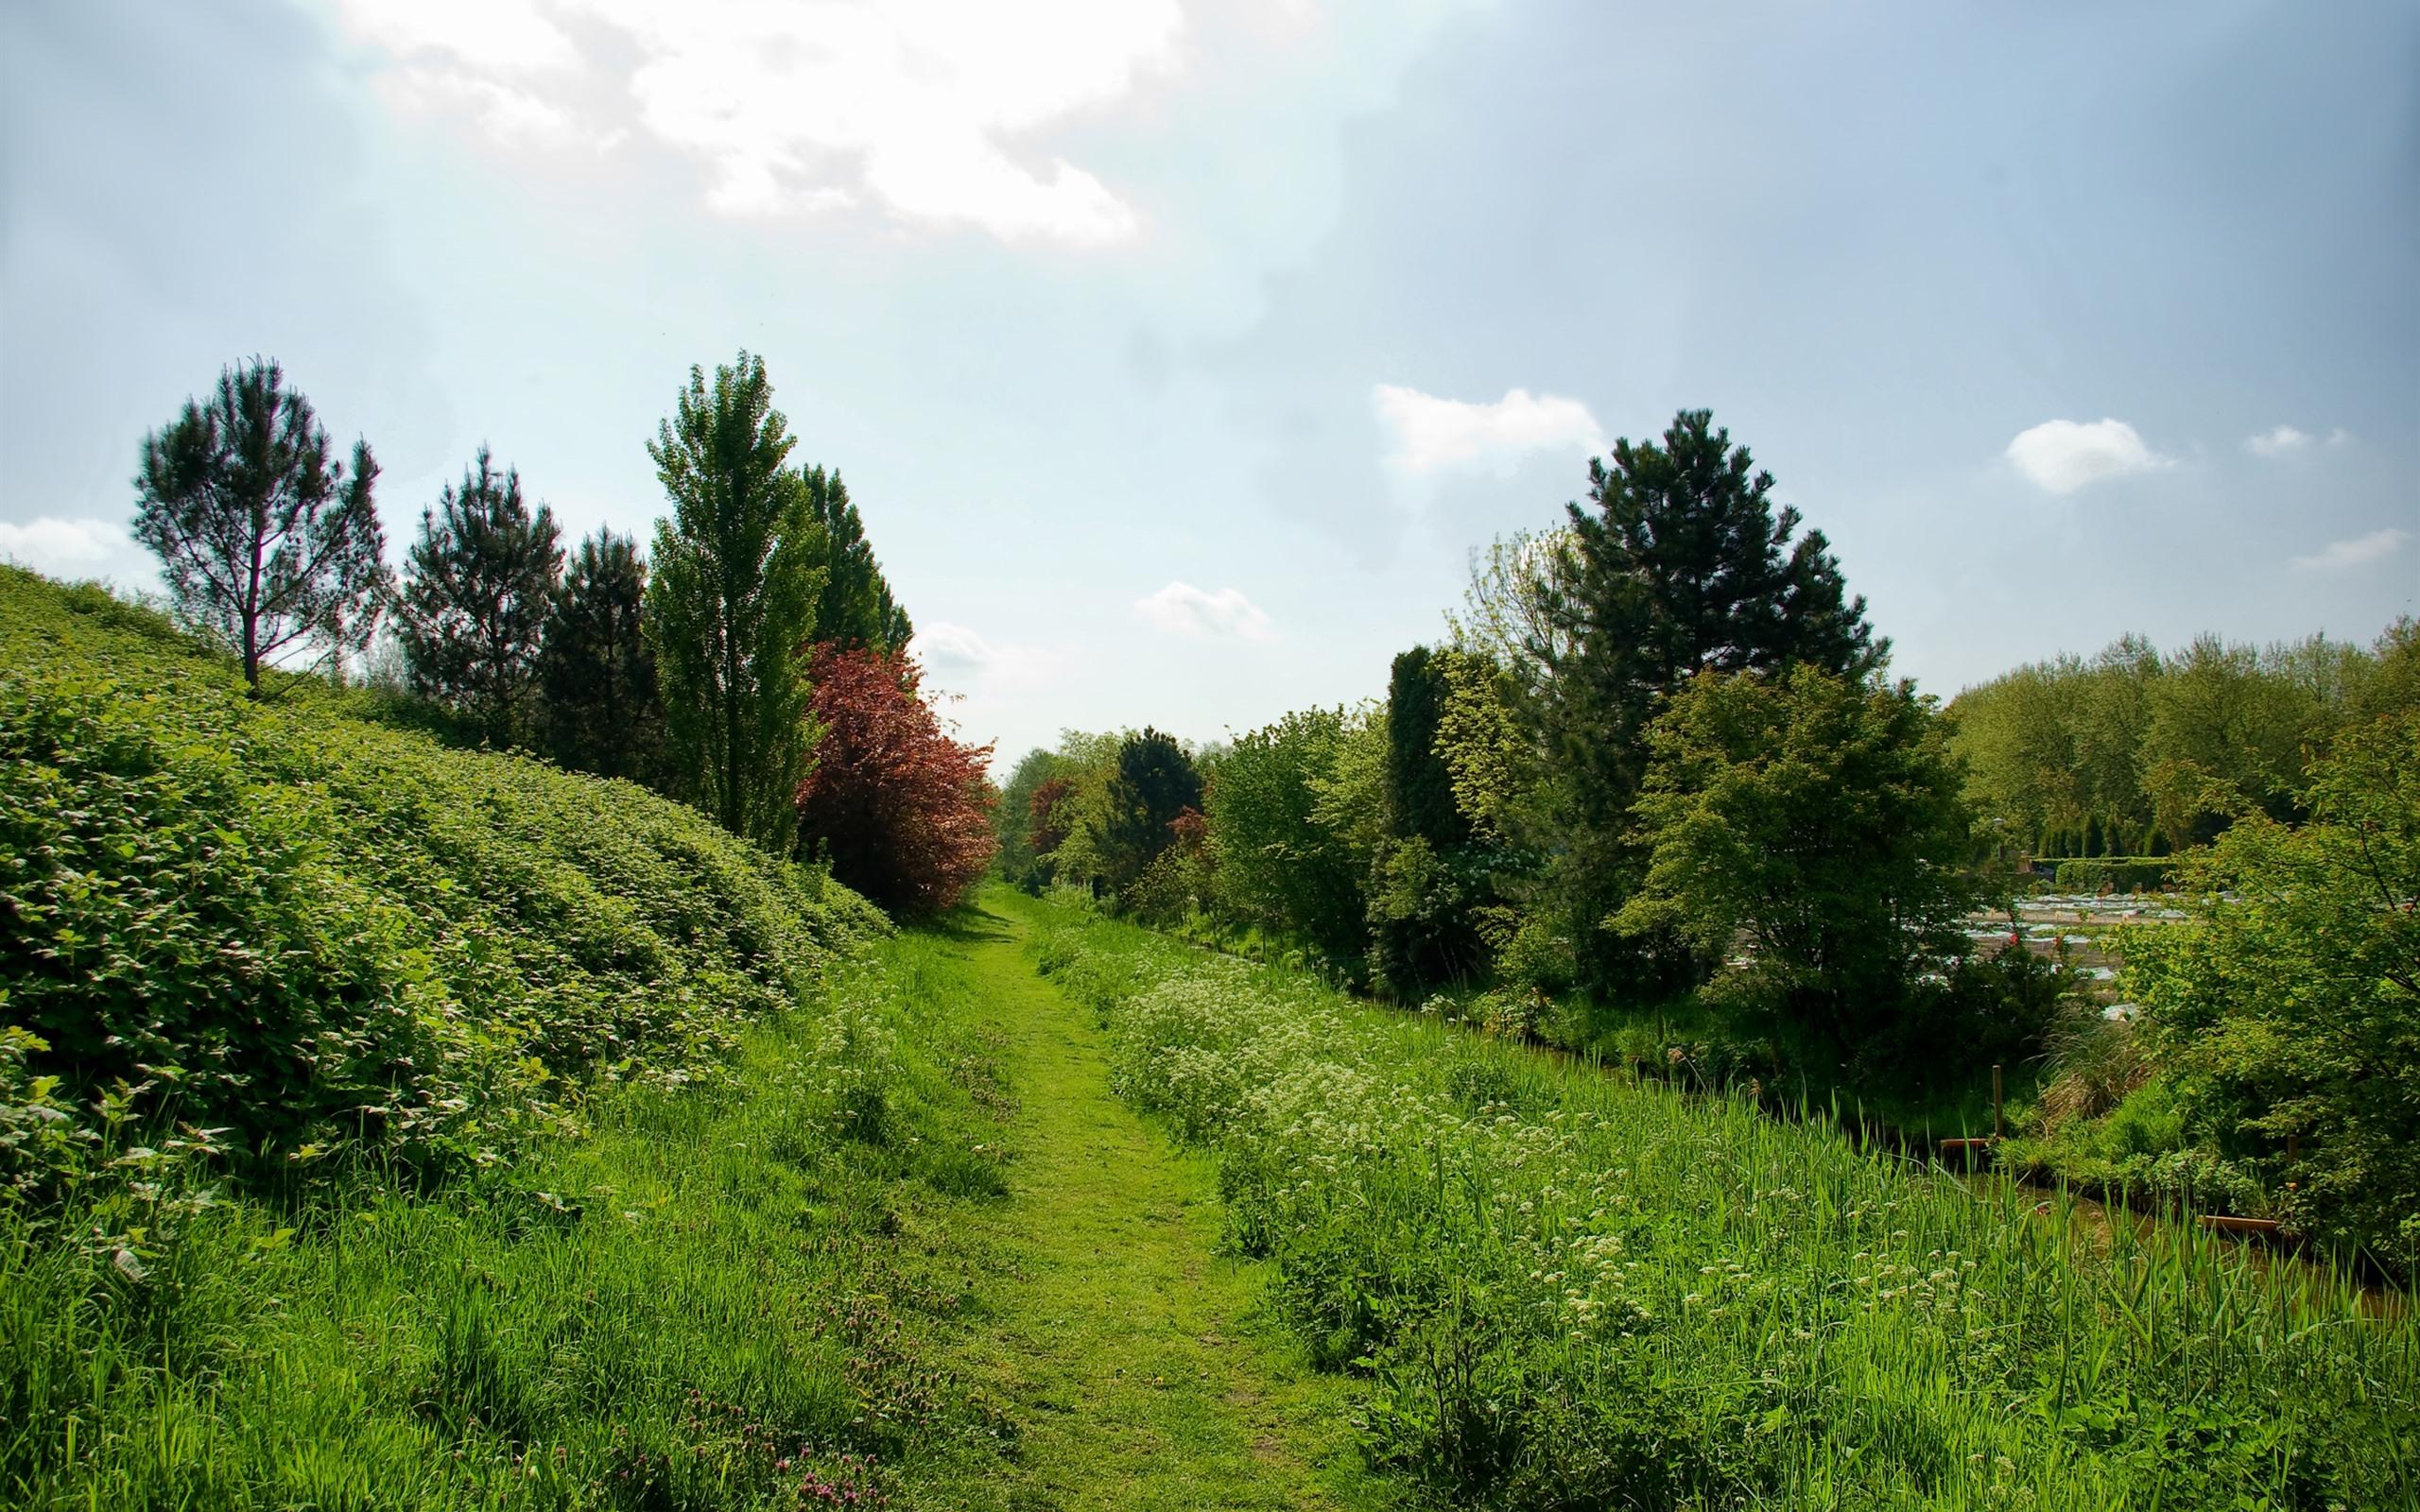 壁紙 田舎 緑の草 茂み 木 2560x1600 Hd 無料のデスクトップの背景